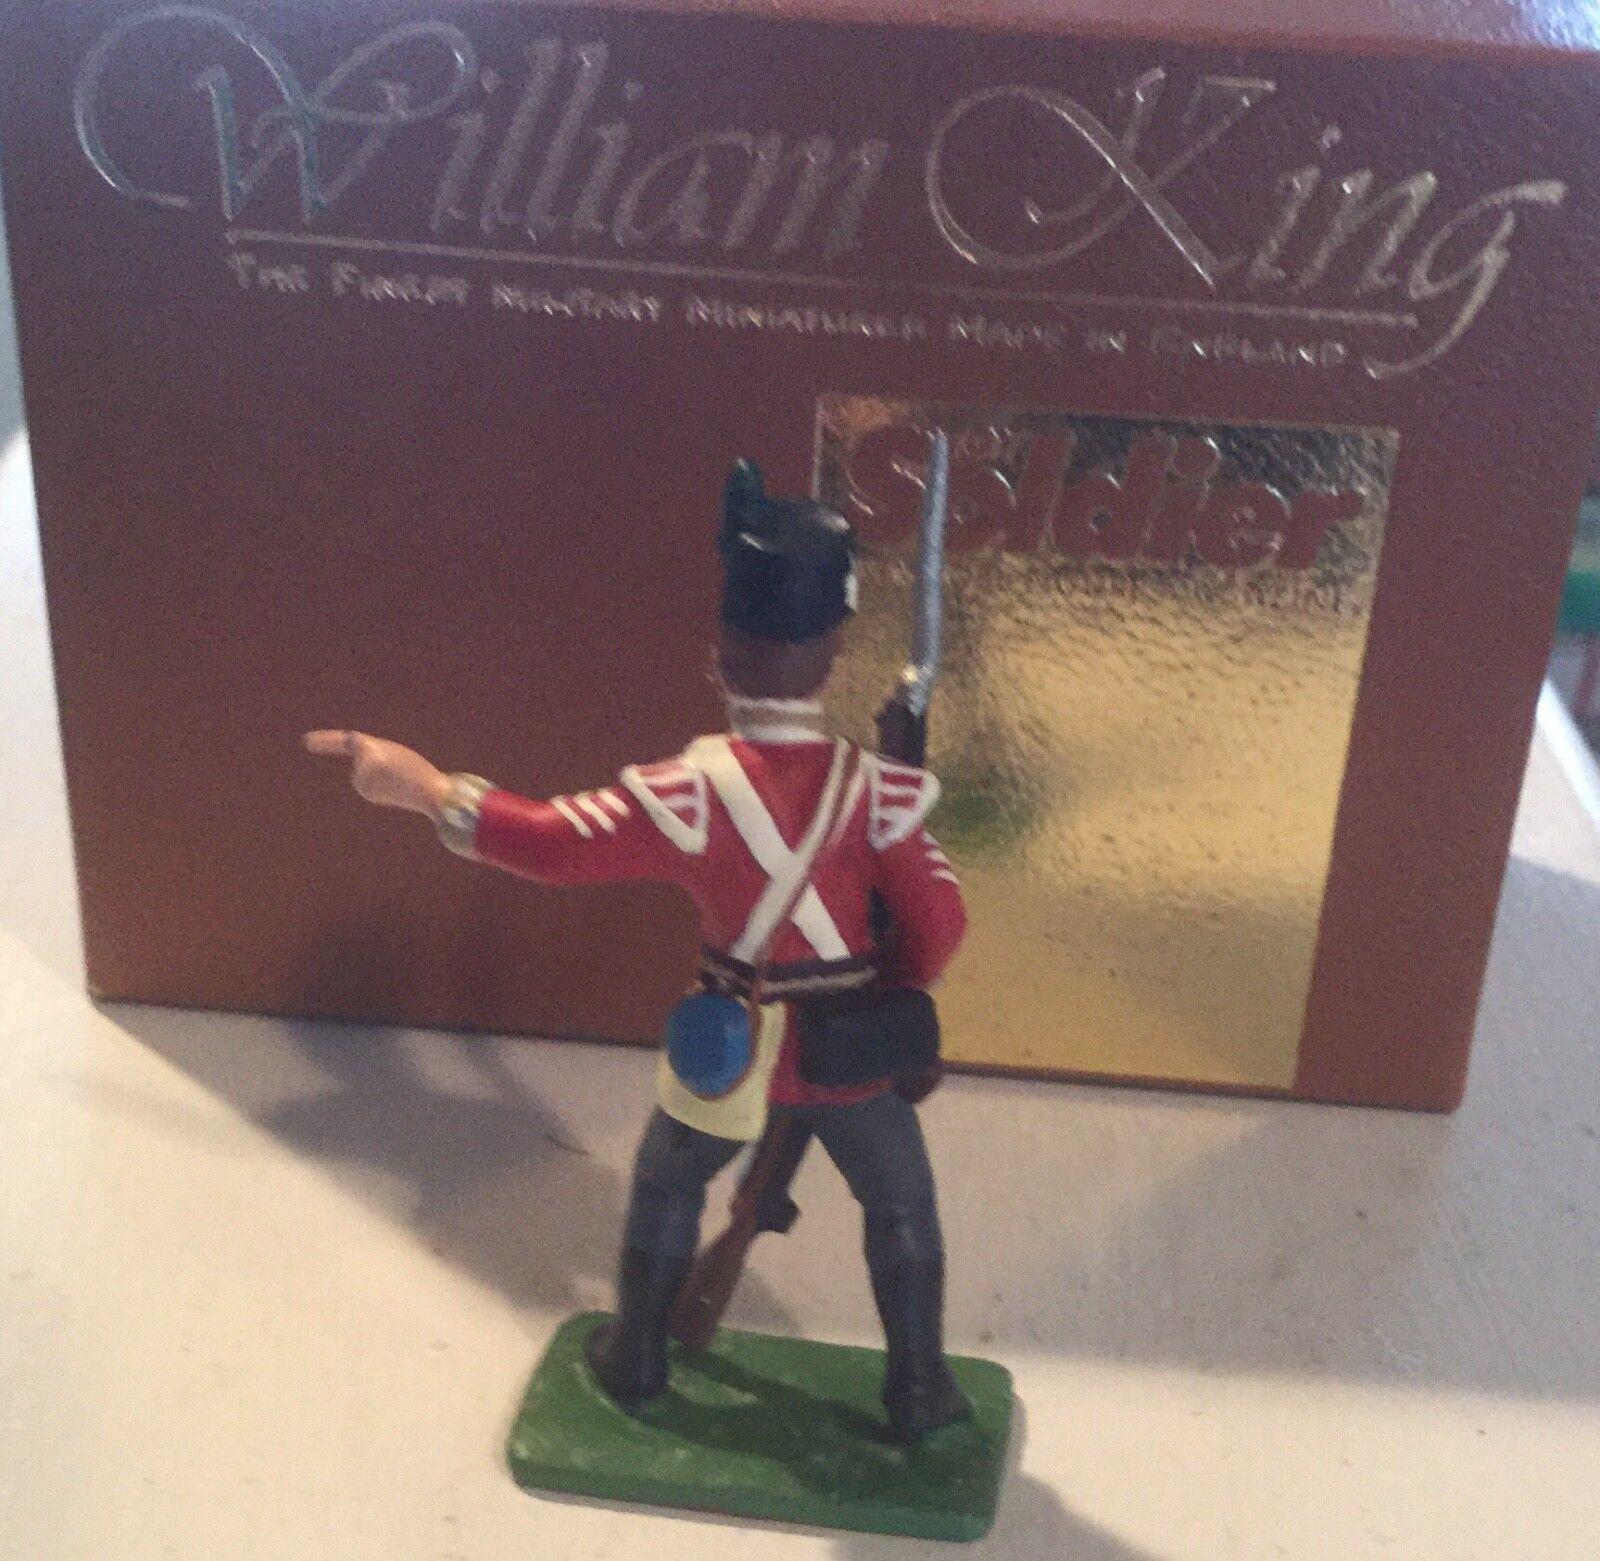 William King WK1S Inniskillings Inniskillings Inniskillings Sergeant 2ff22a